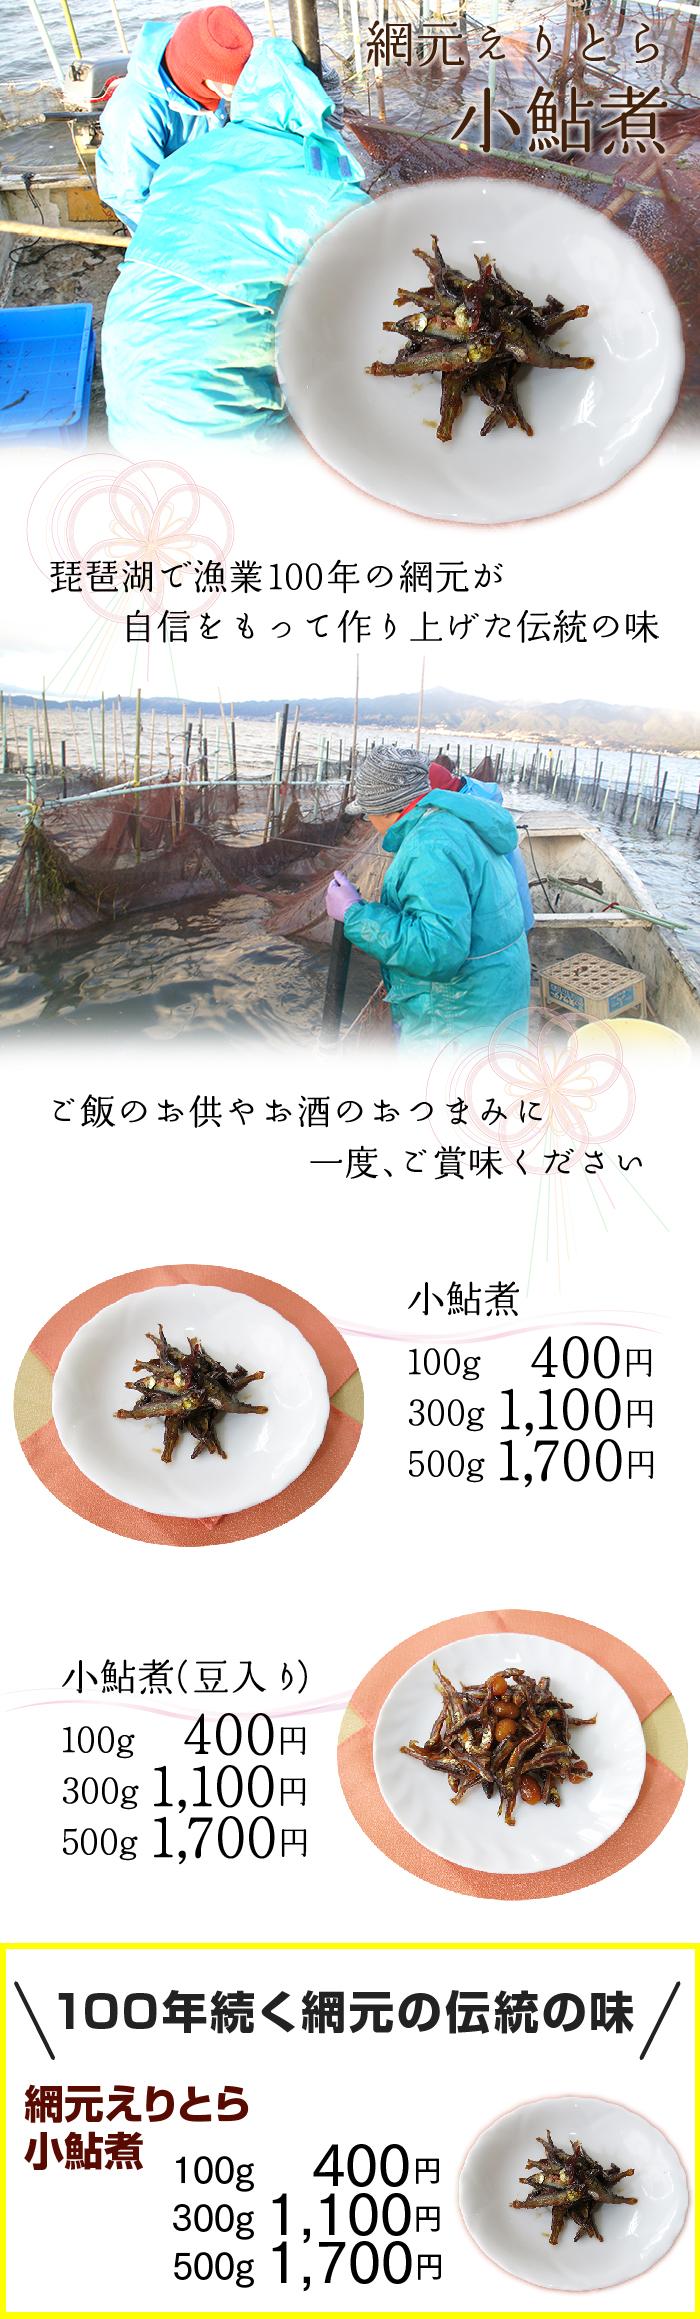 琵琶湖で漁業100年の網元が   自信をもって作り上げた伝統の味